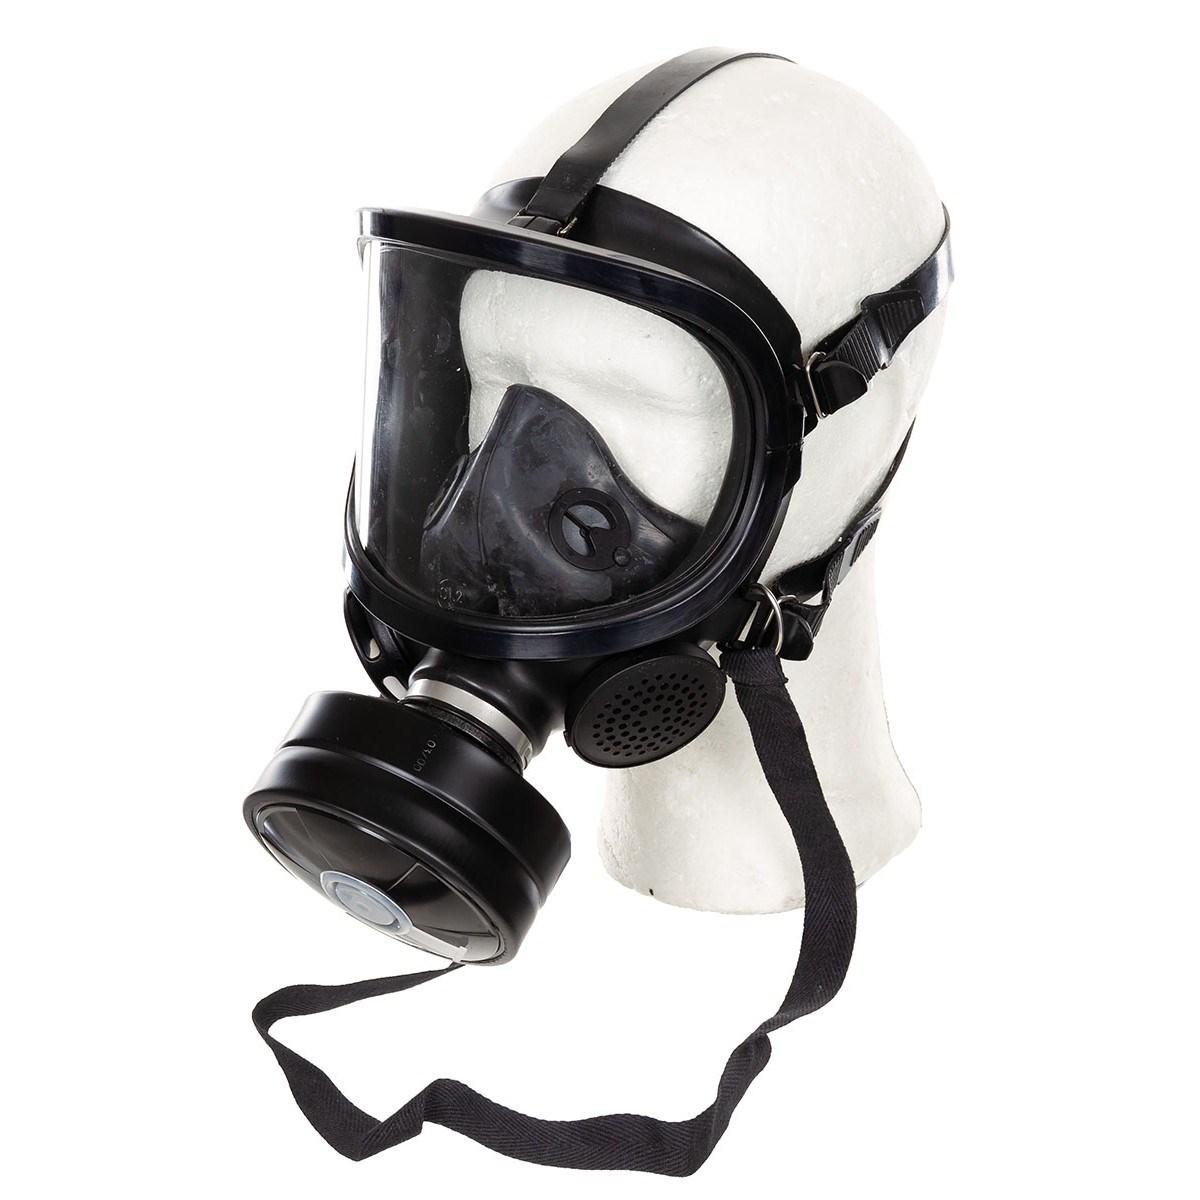 Maska plynová FERNEZ PANORAMA vèetnì filtru - zvìtšit obrázek